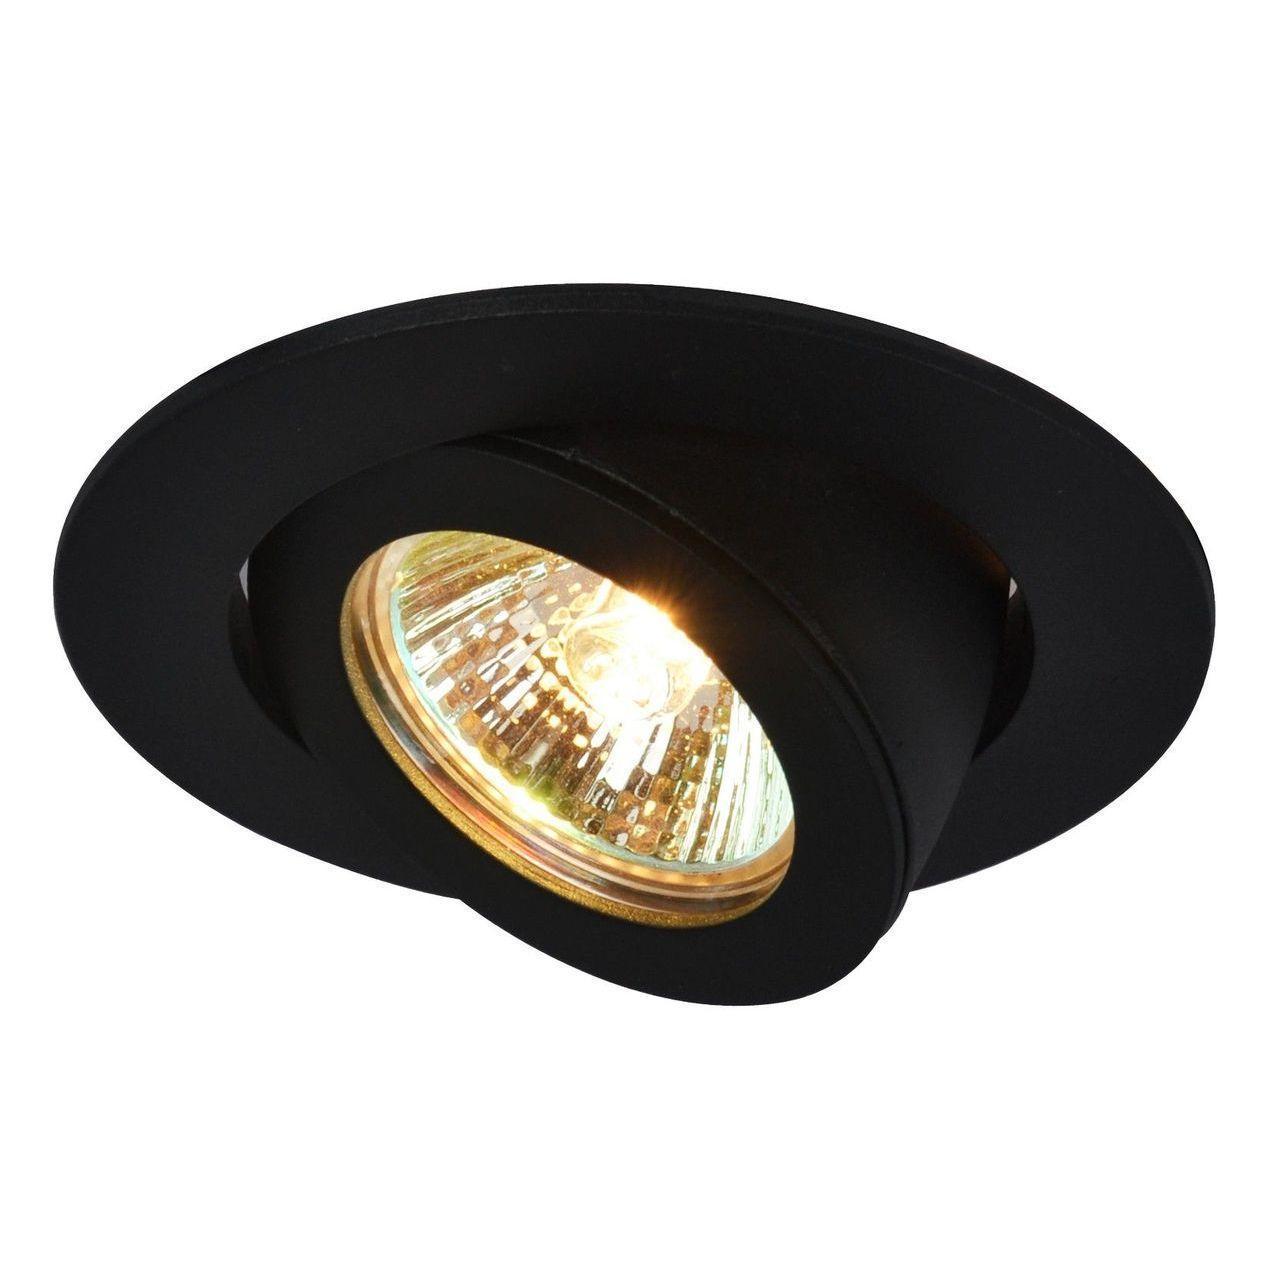 Встраиваемый светильник Arte Lamp Accento A4009PL-1BK встраиваемый светильник arte lamp accento a4009pl 1wh